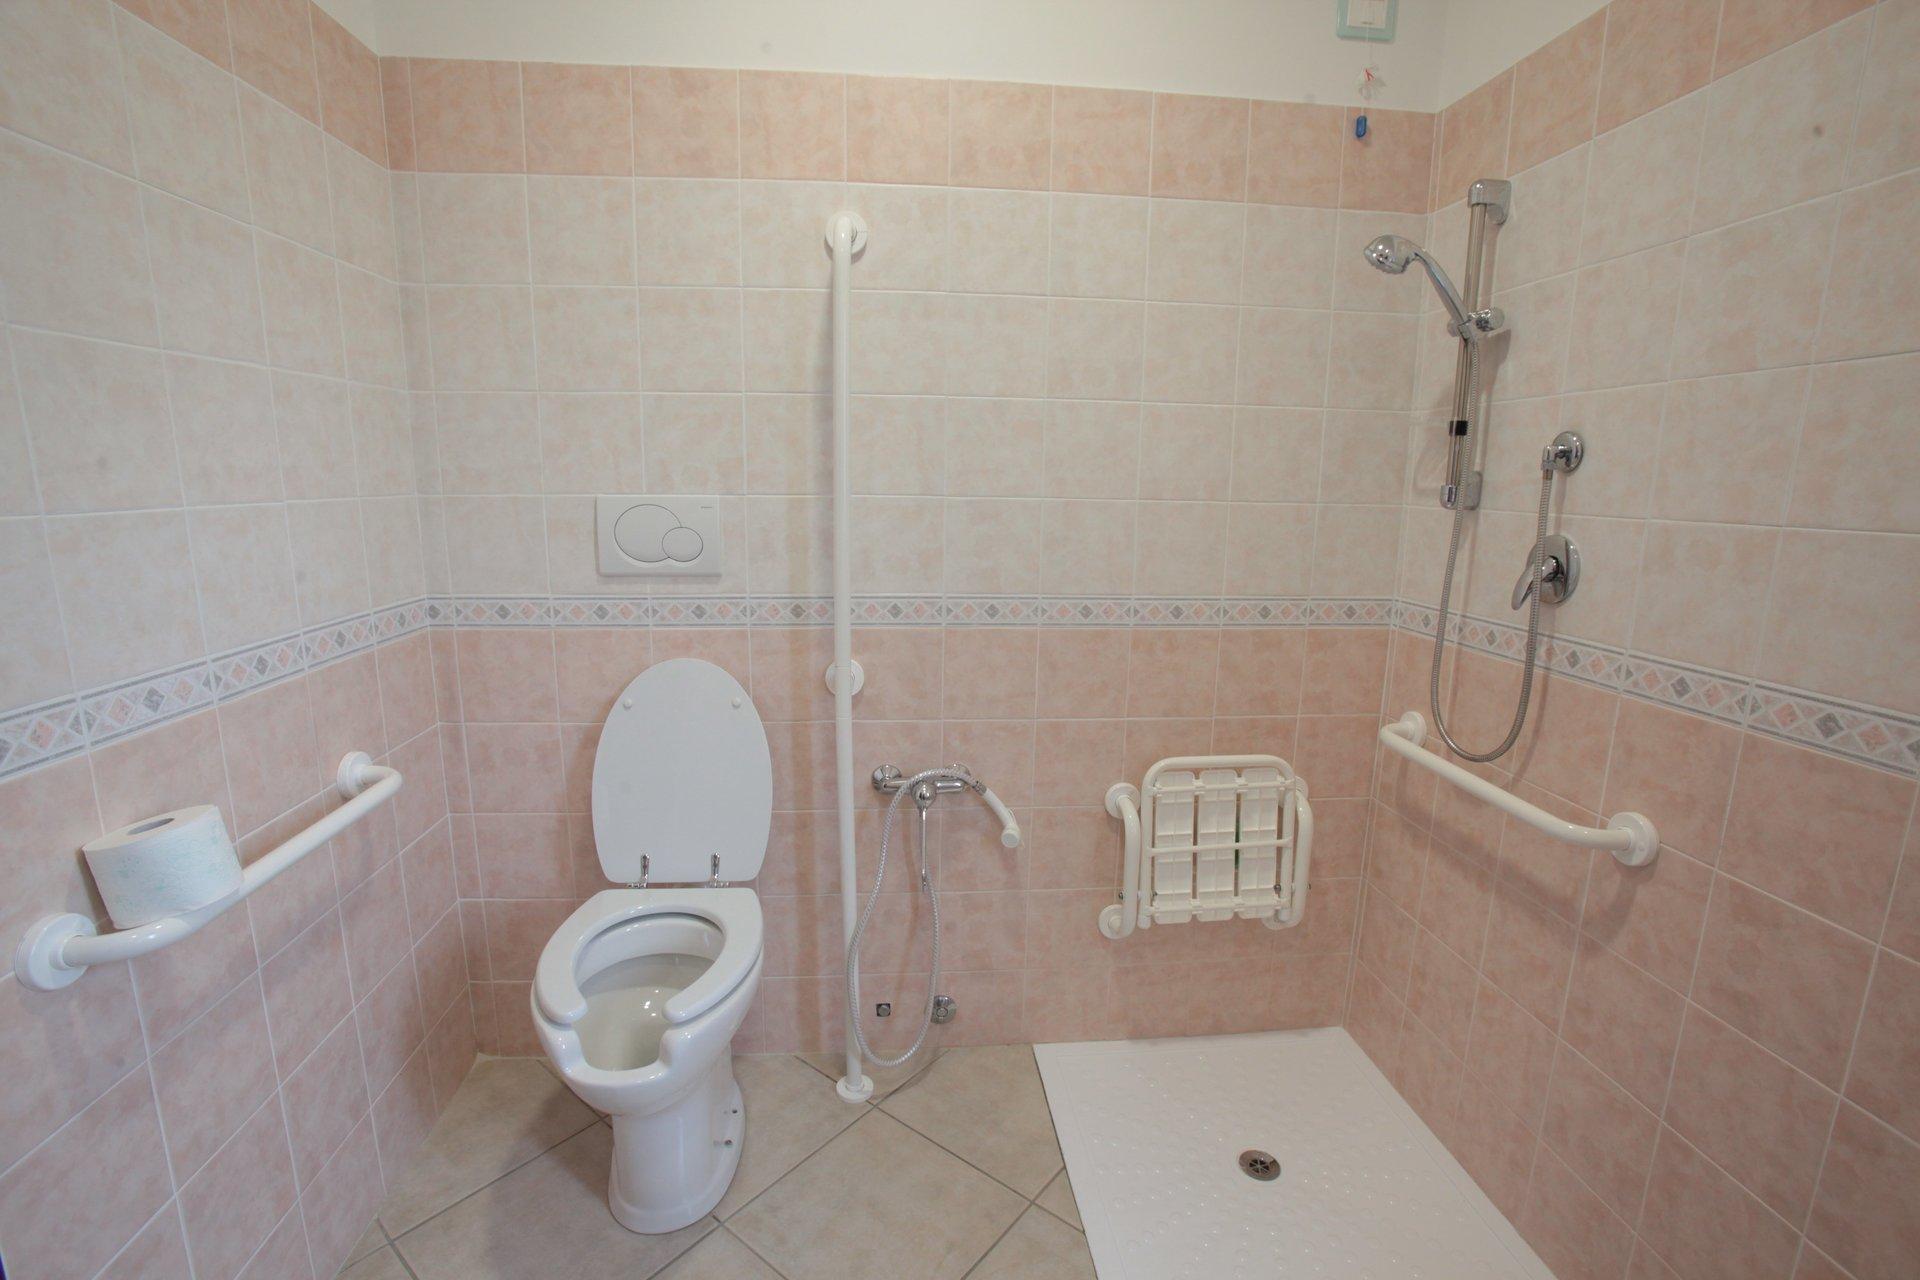 camere da letto singole o doppie | velletri, rm | villa annalisa - Arredo Bagno Velletri